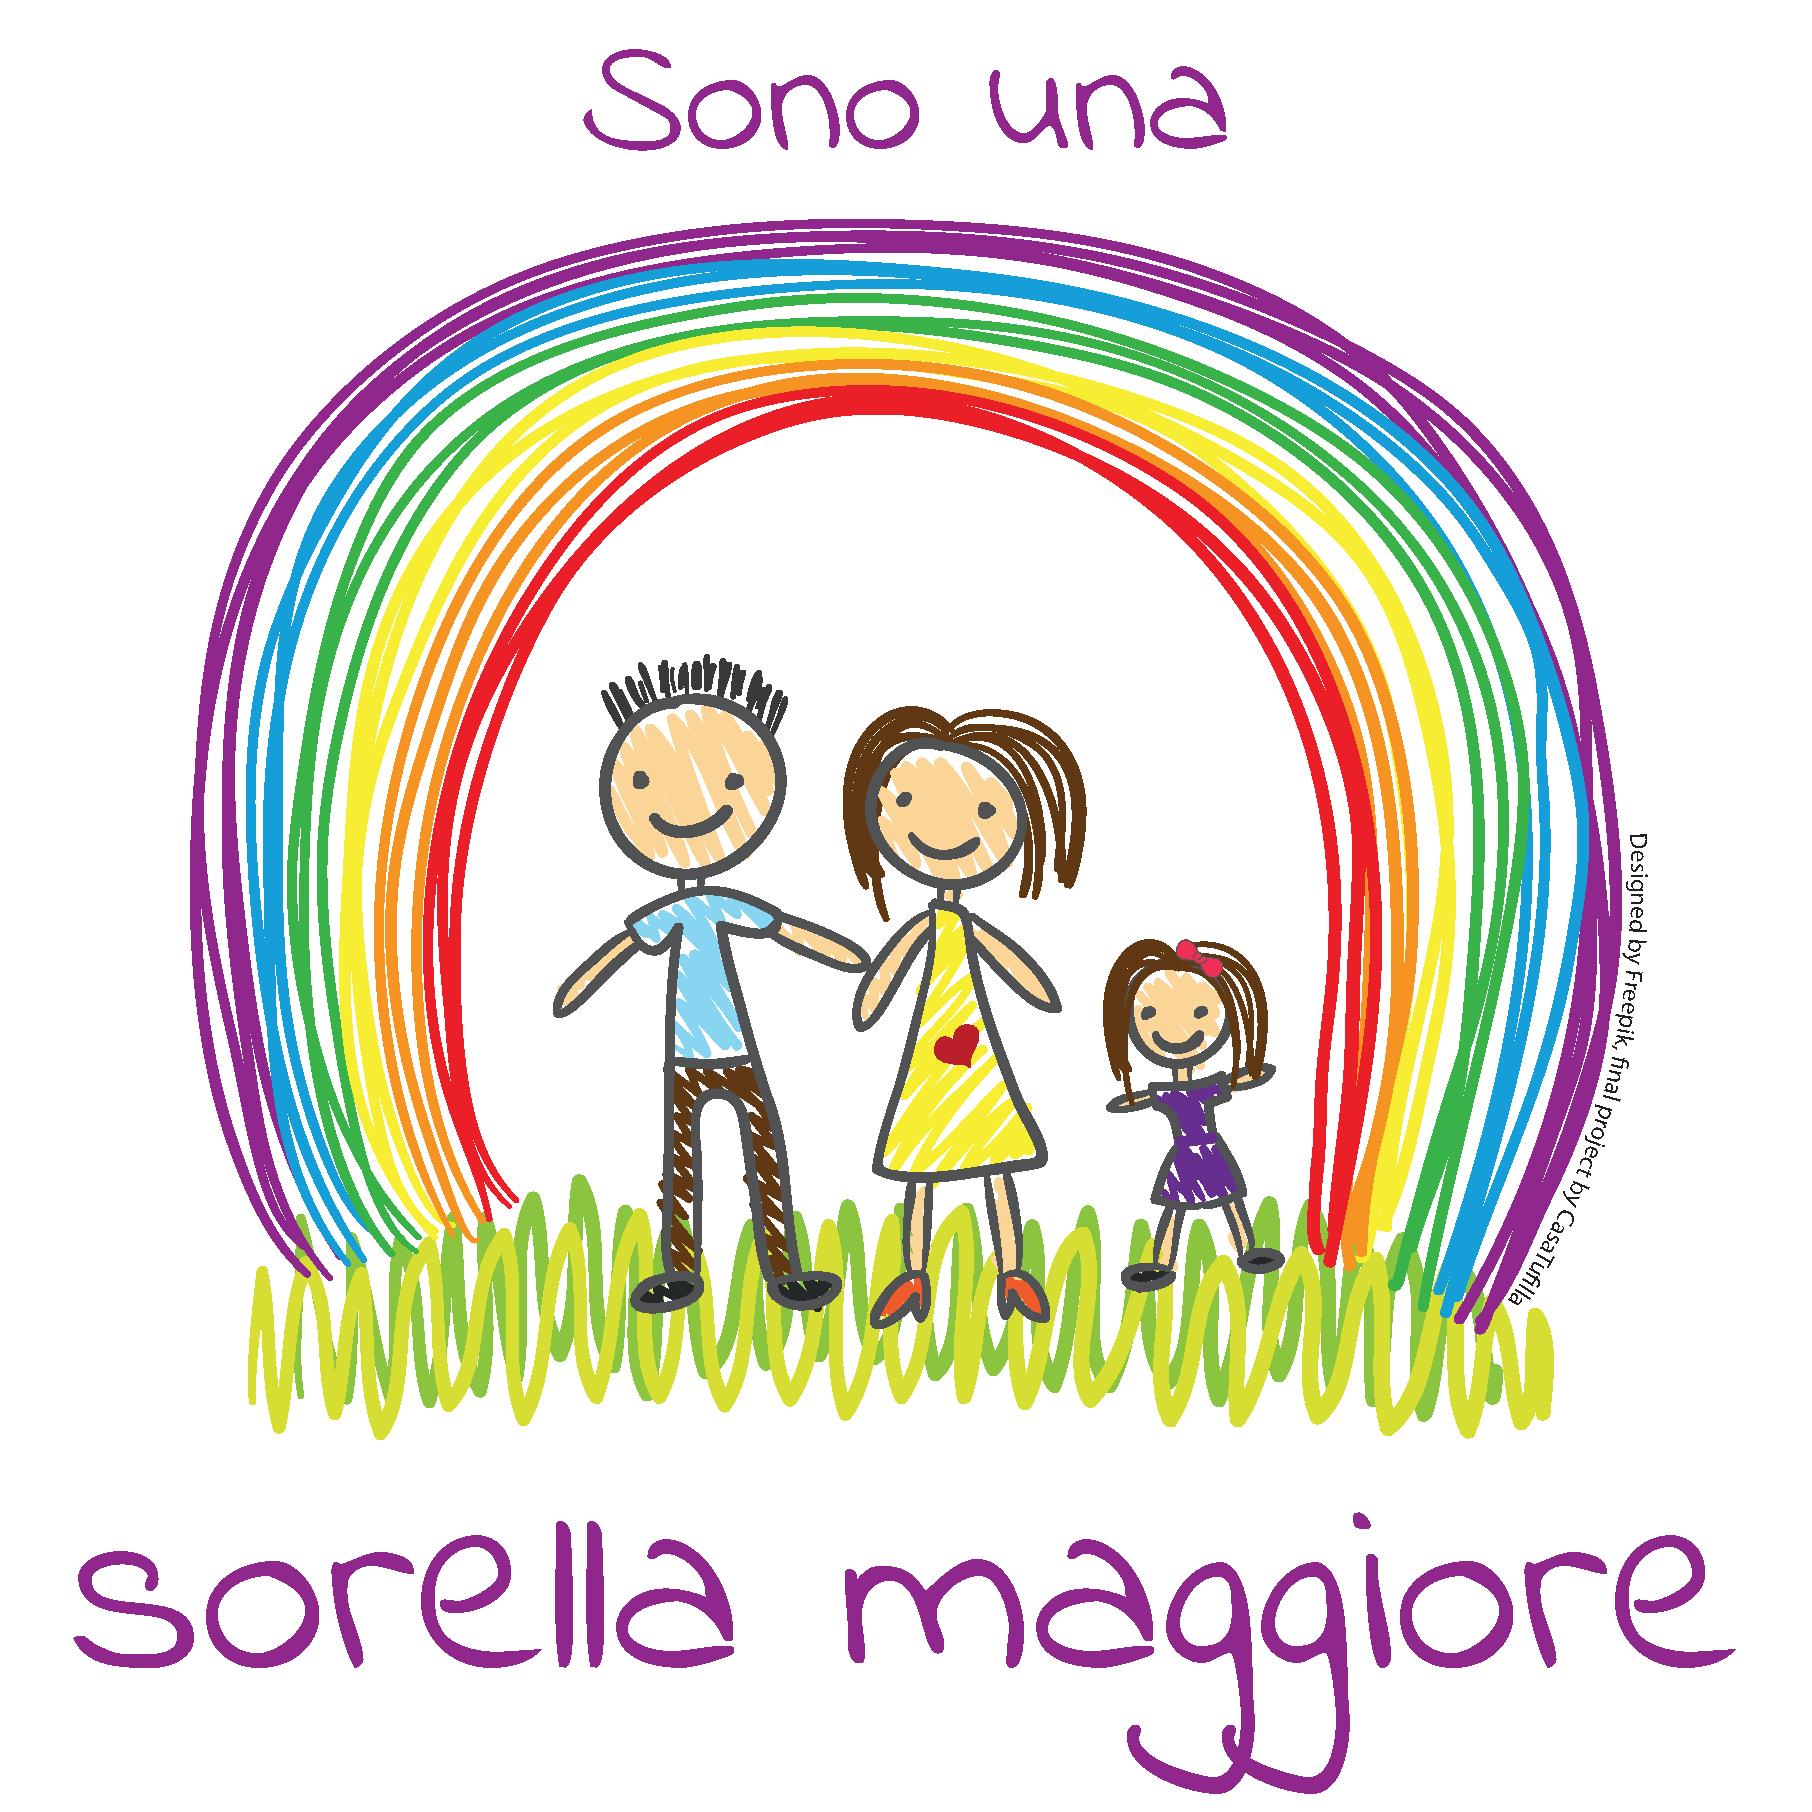 Sorella Maggiore